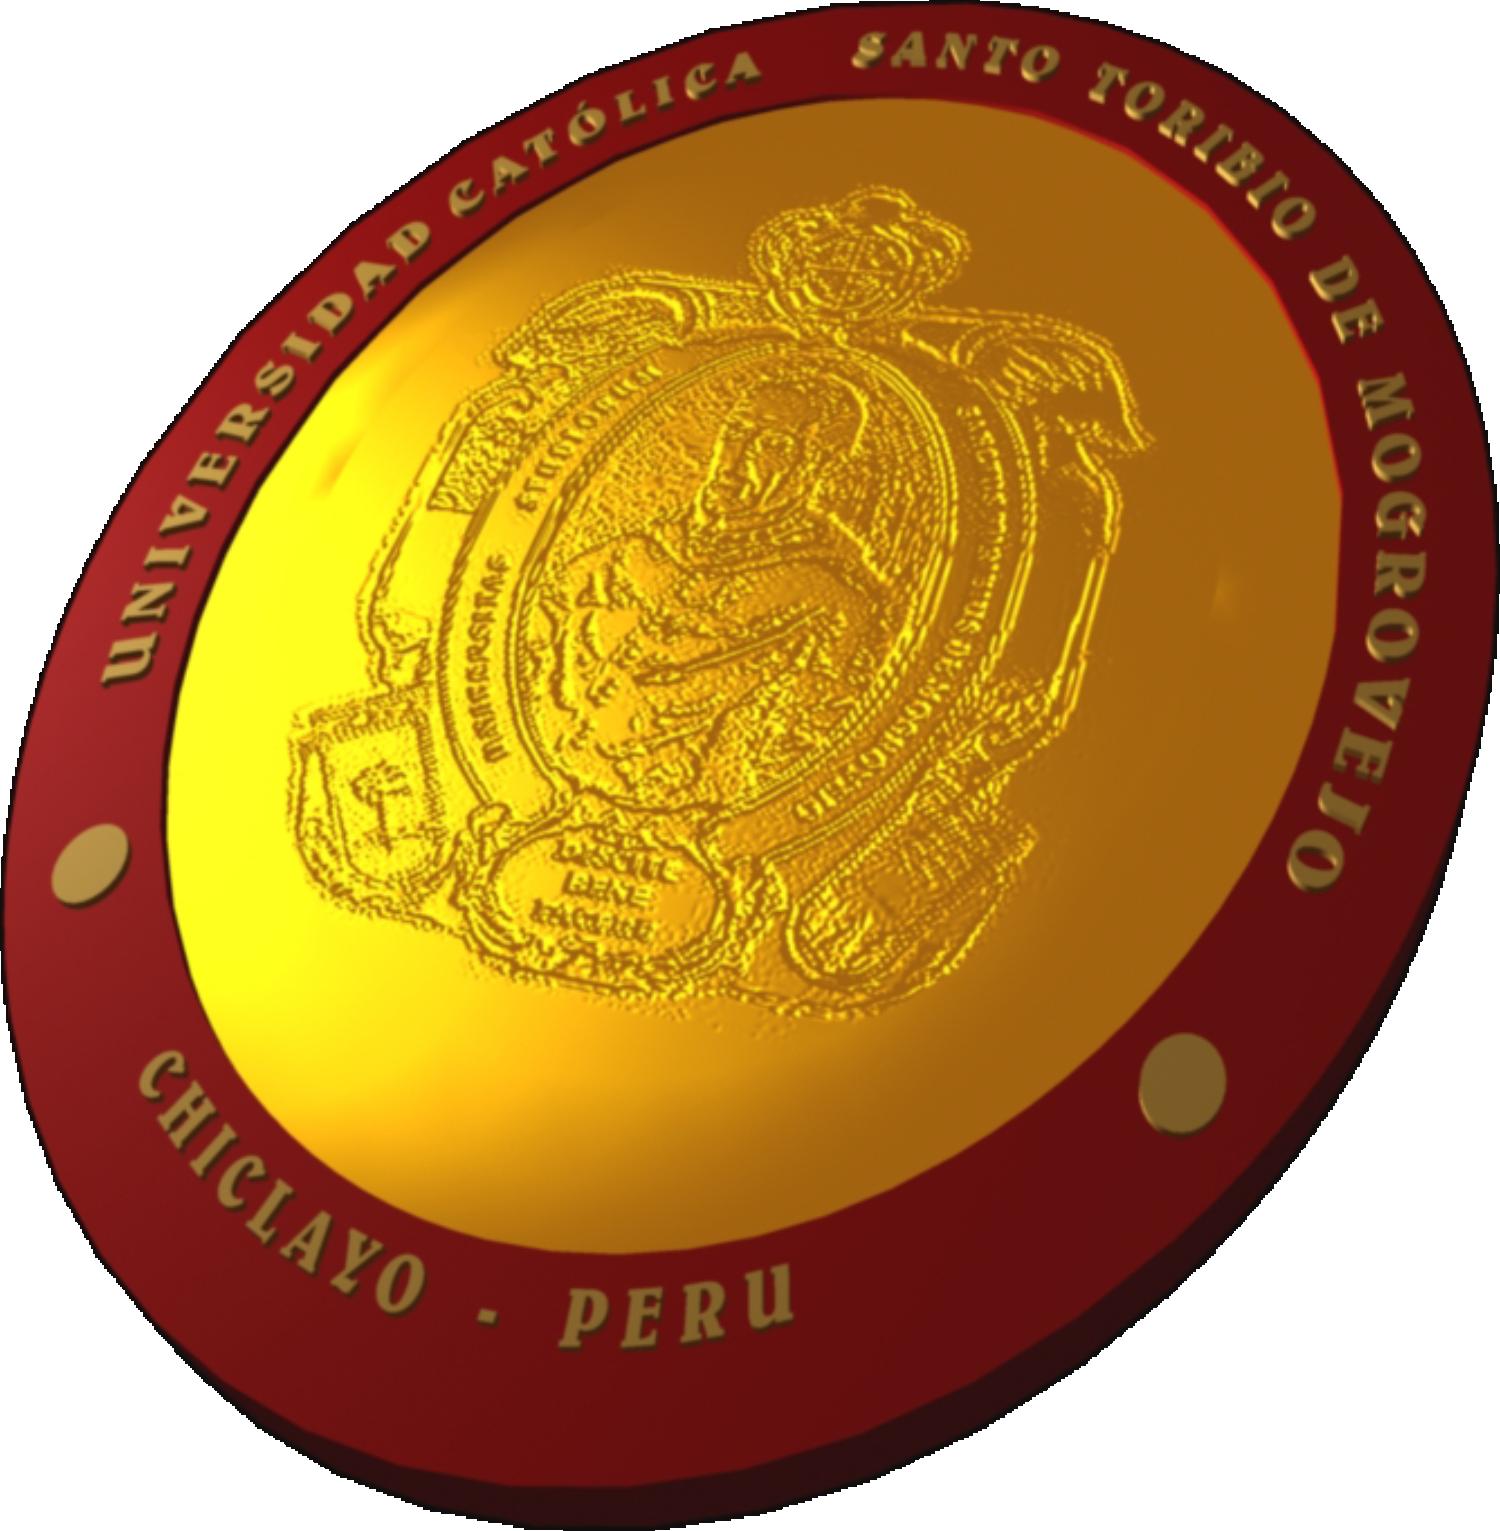 medalla usat